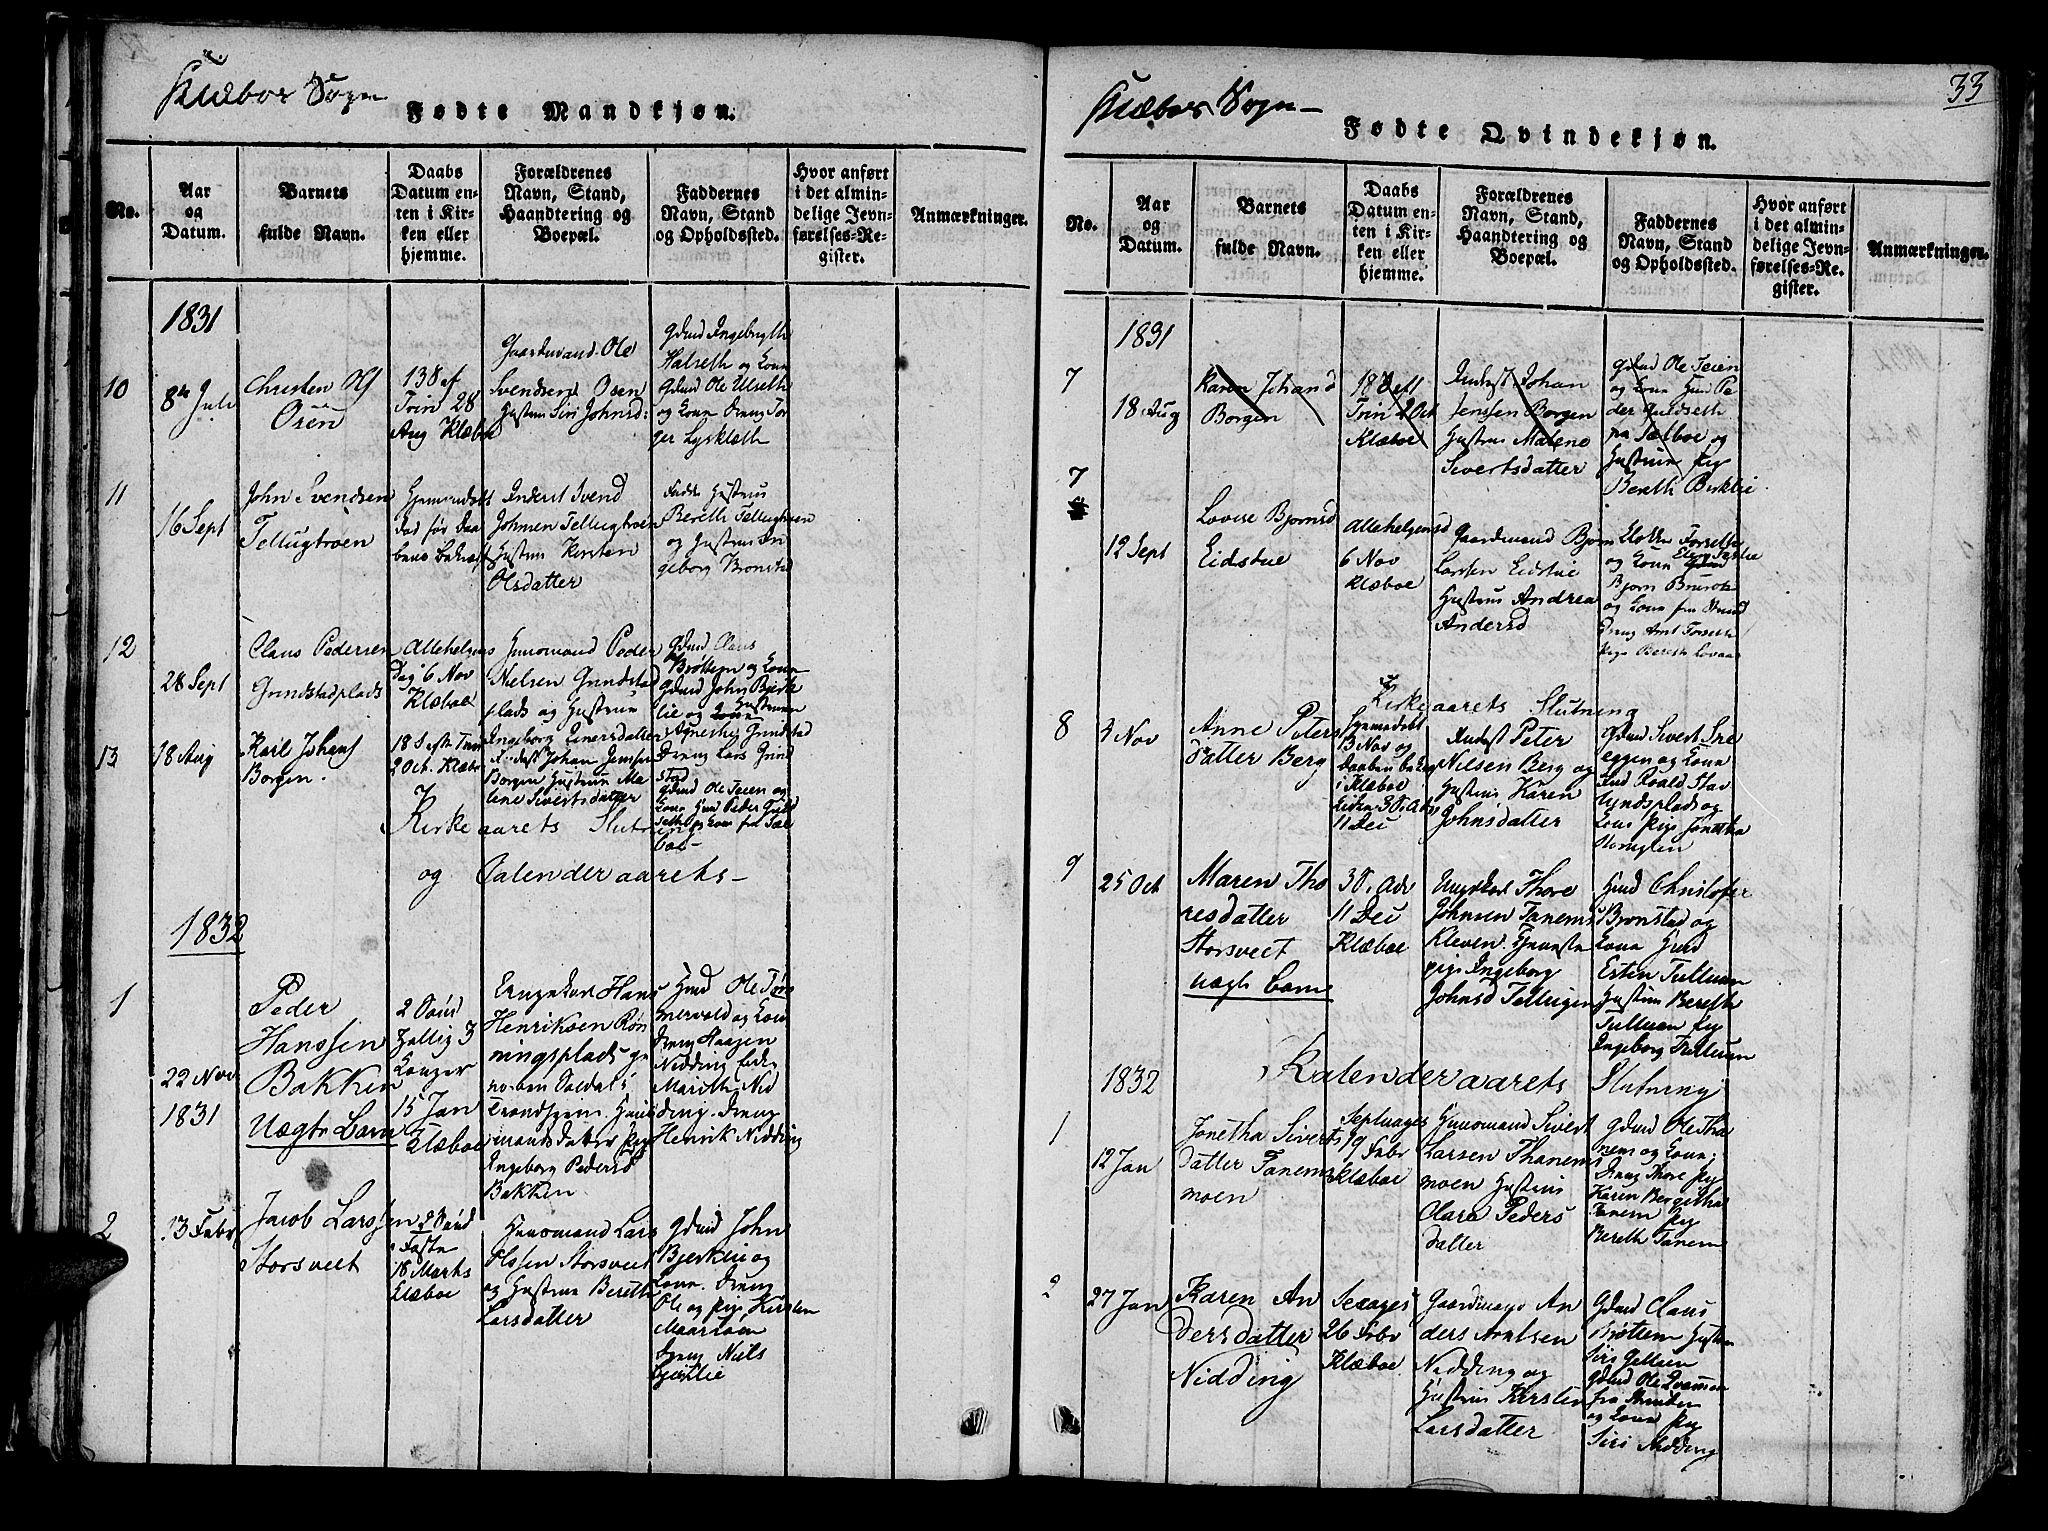 SAT, Ministerialprotokoller, klokkerbøker og fødselsregistre - Sør-Trøndelag, 618/L0439: Ministerialbok nr. 618A04 /1, 1816-1843, s. 33